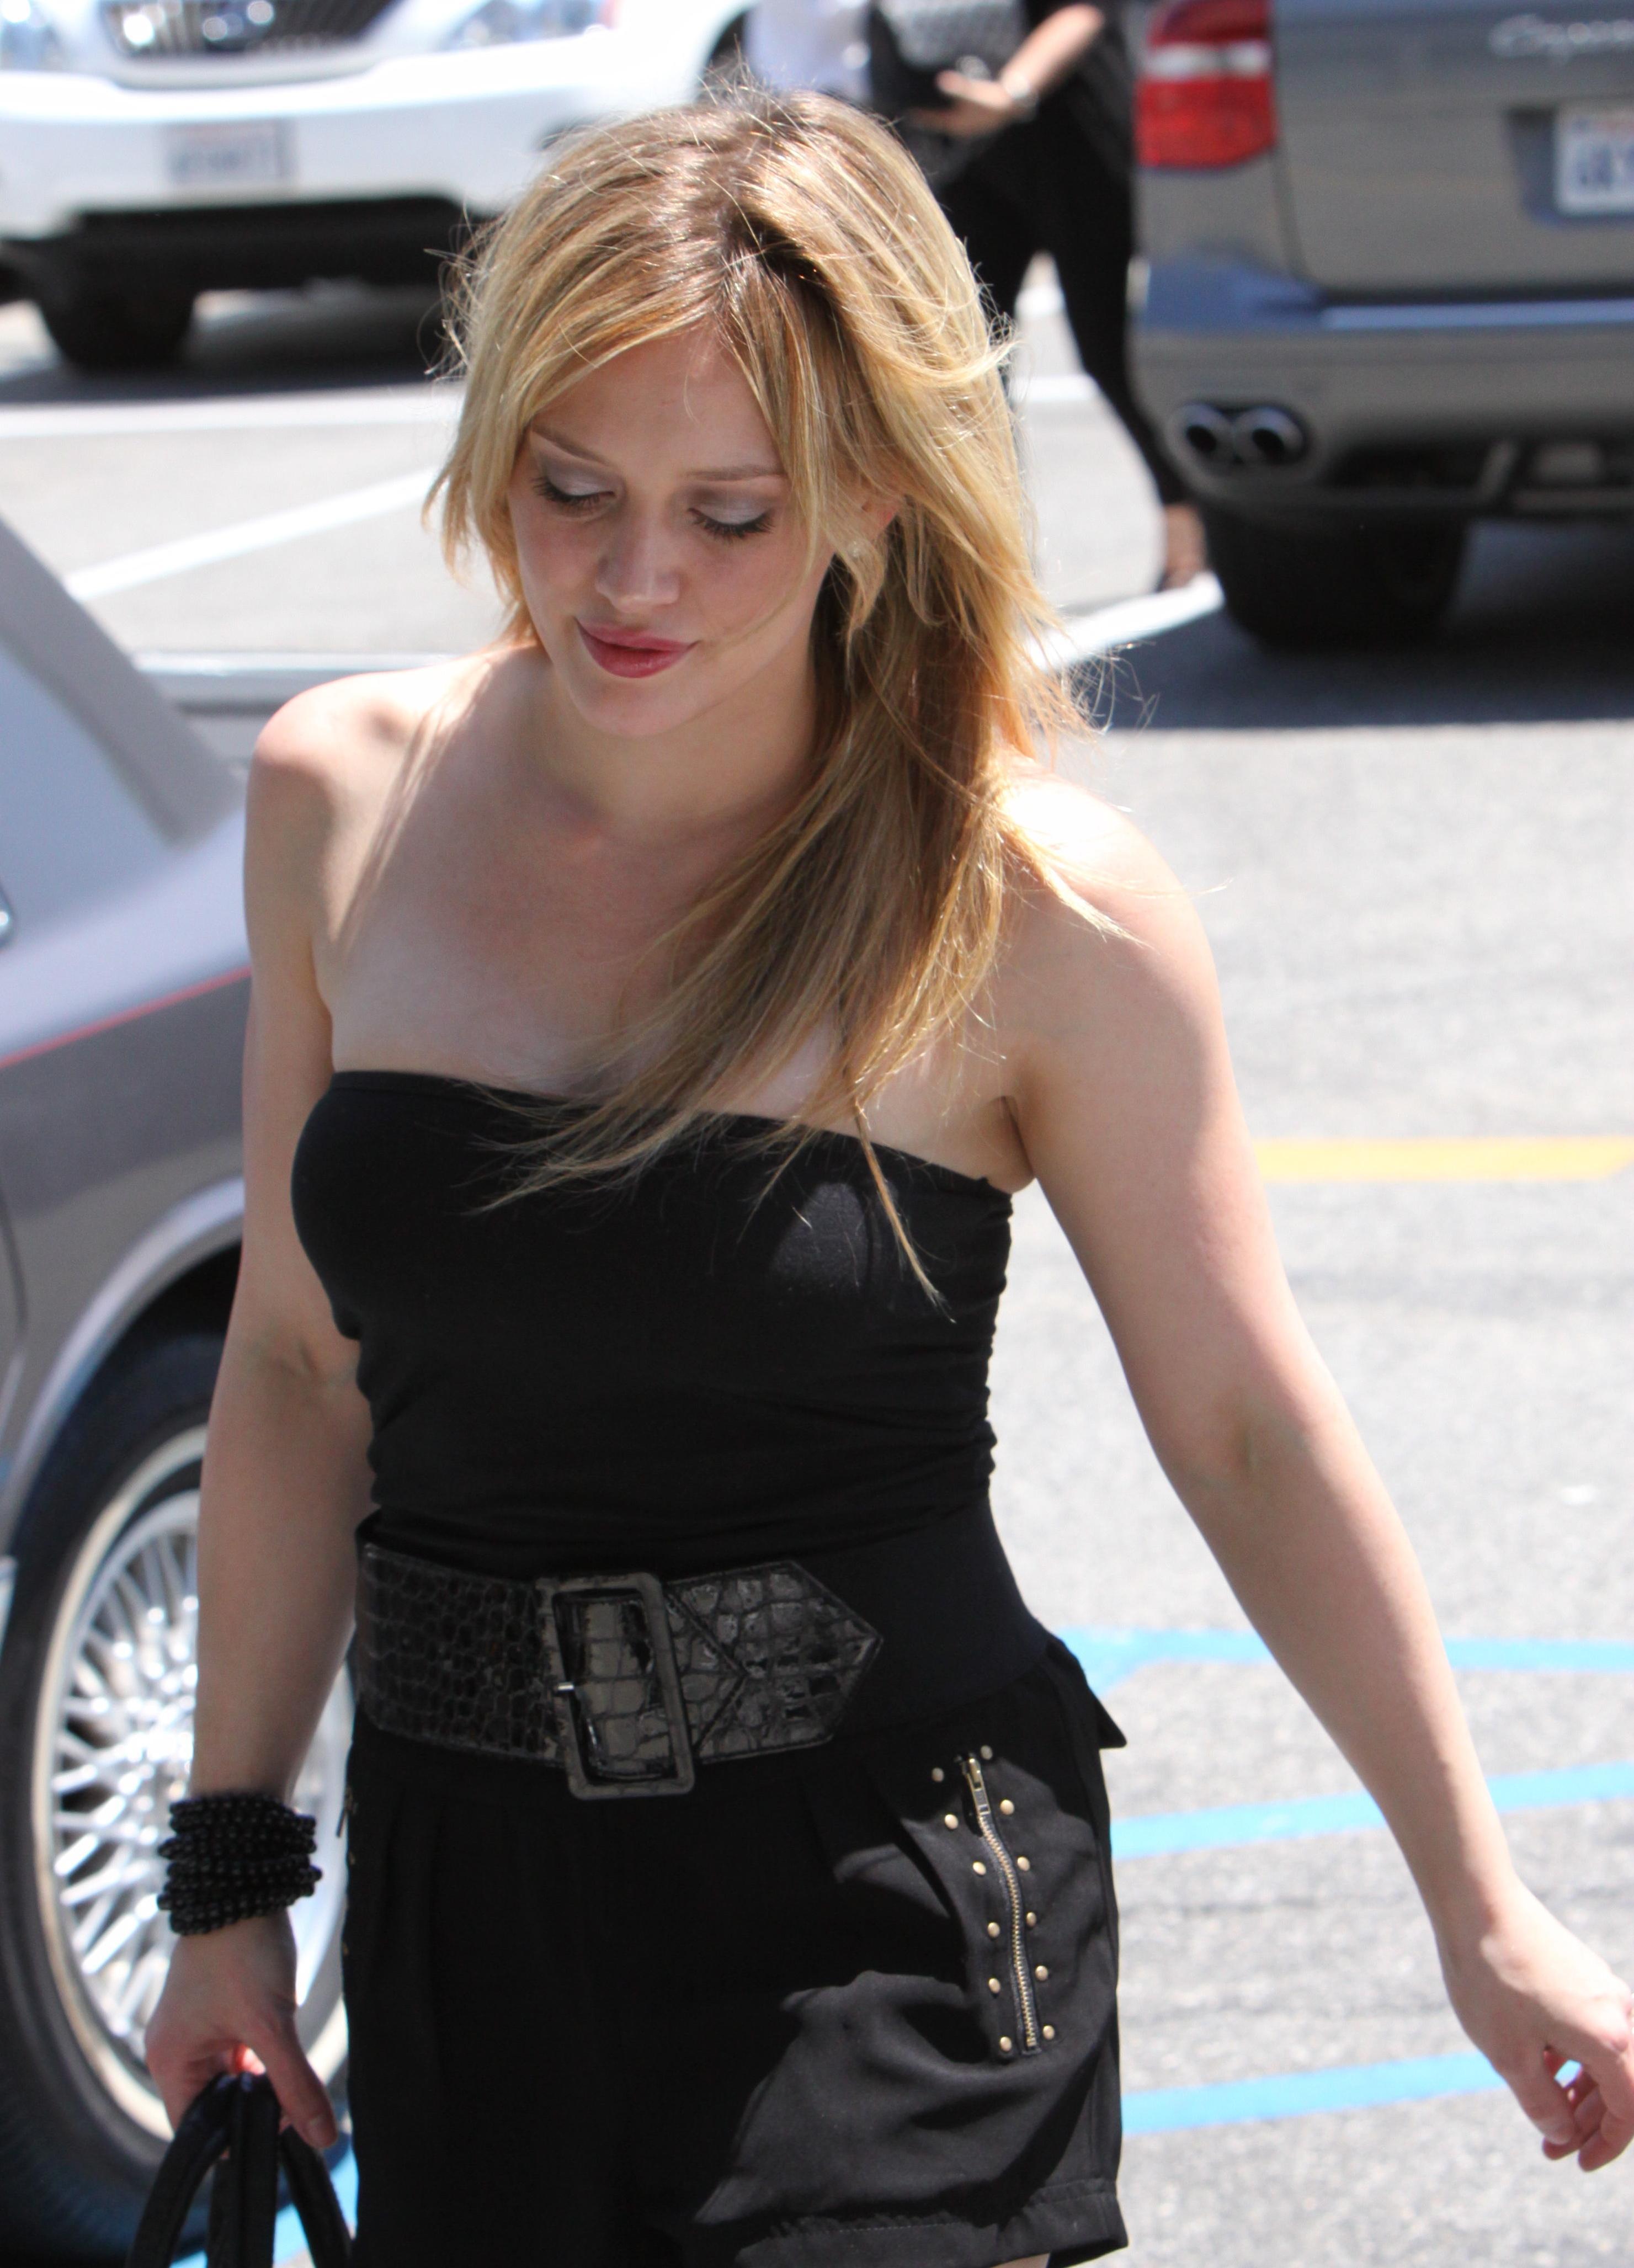 51036_Hilary_Duff_at_XIV_Karats_Ltd_in_Beverly_Hills_9_122_58lo.JPG